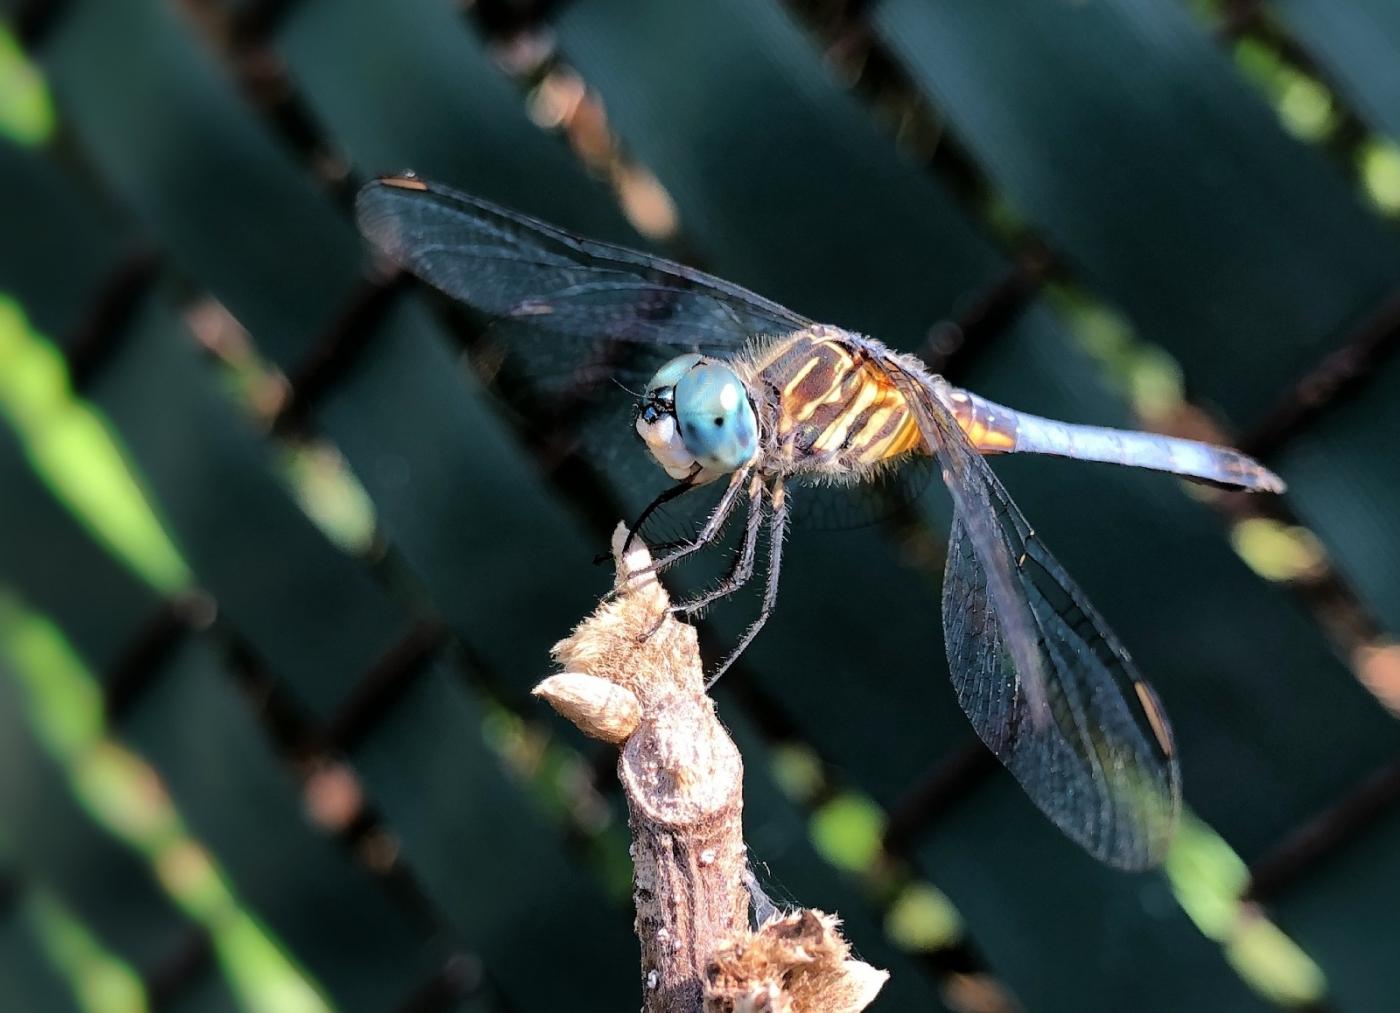 【田螺摄影】院子里的蜻蜓_图1-15